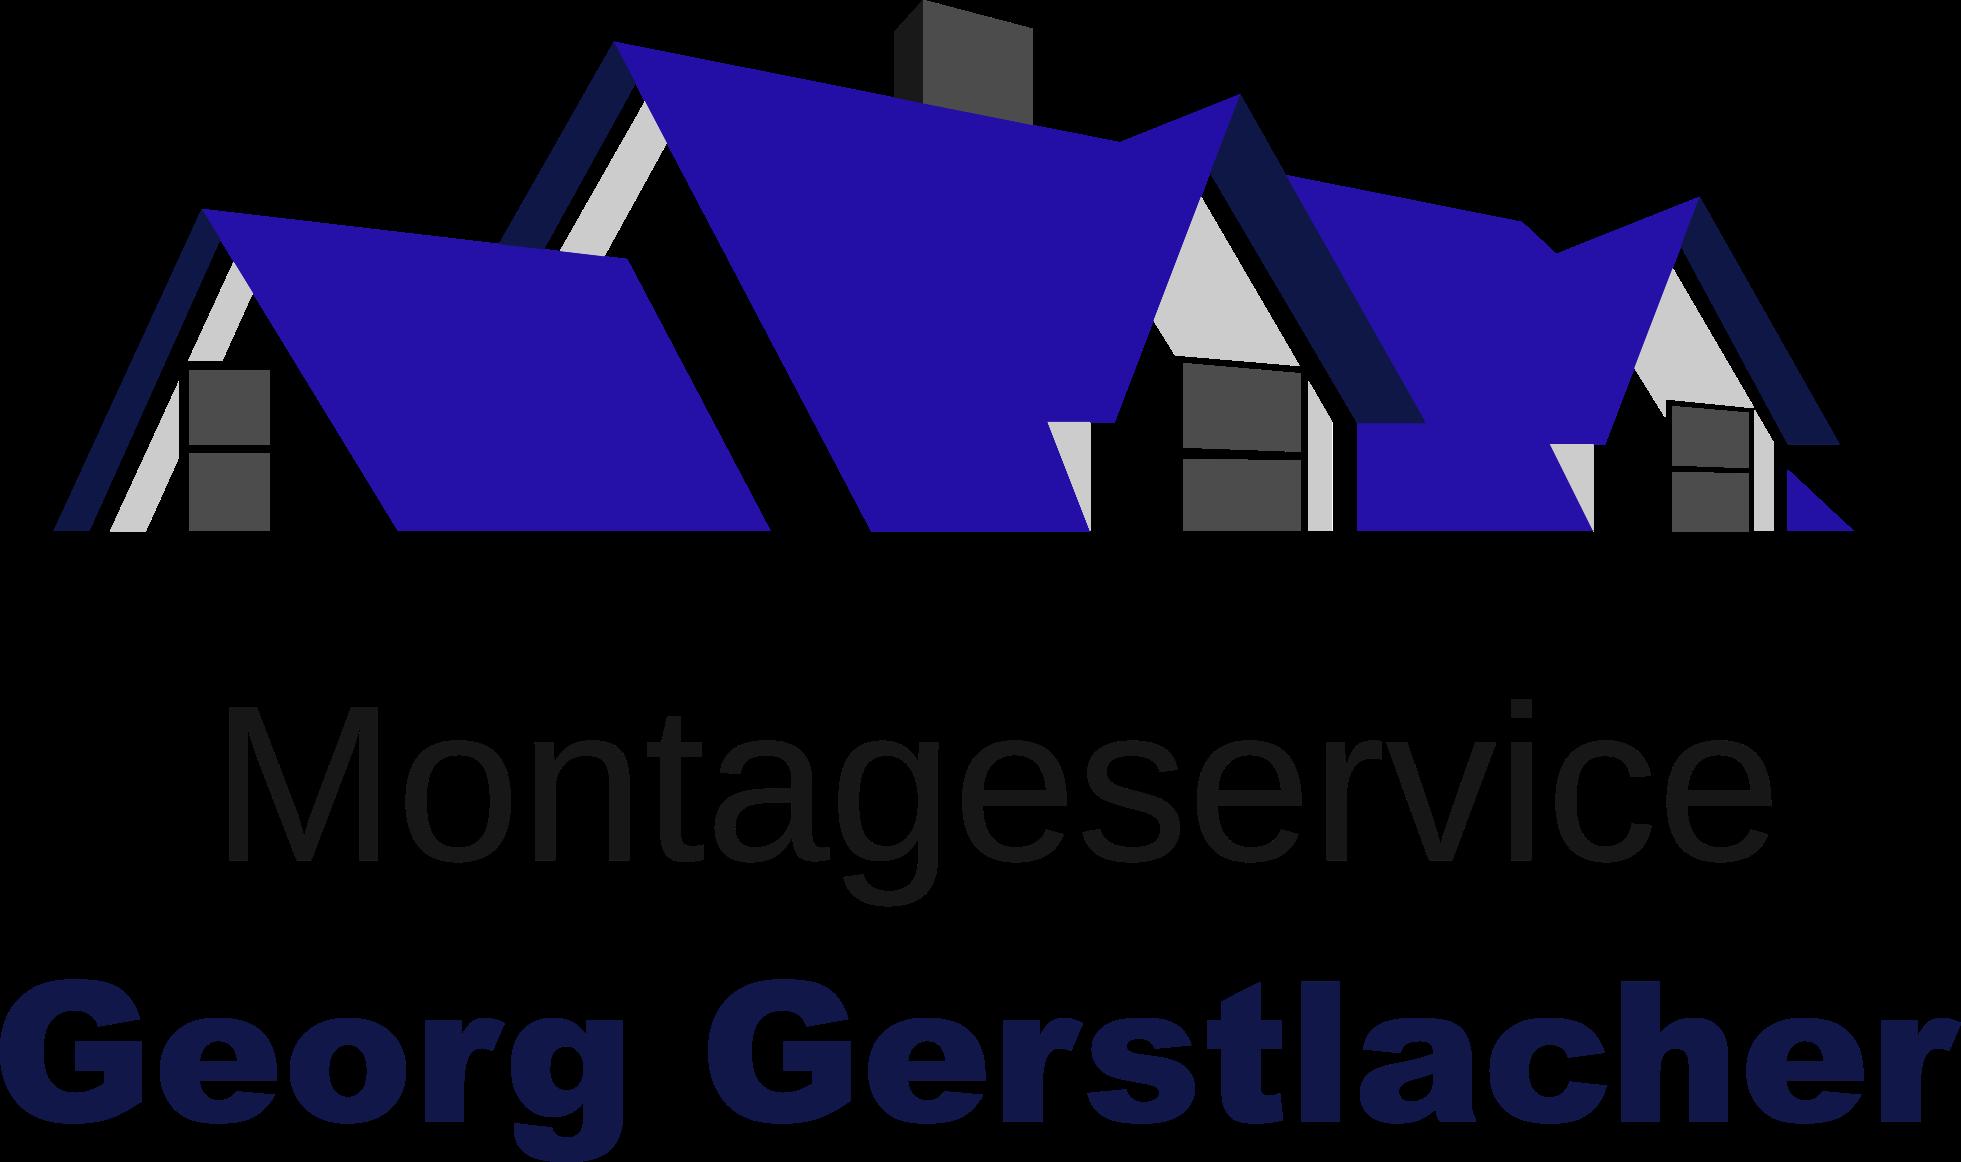 Montageservice Georg Gerstlacher